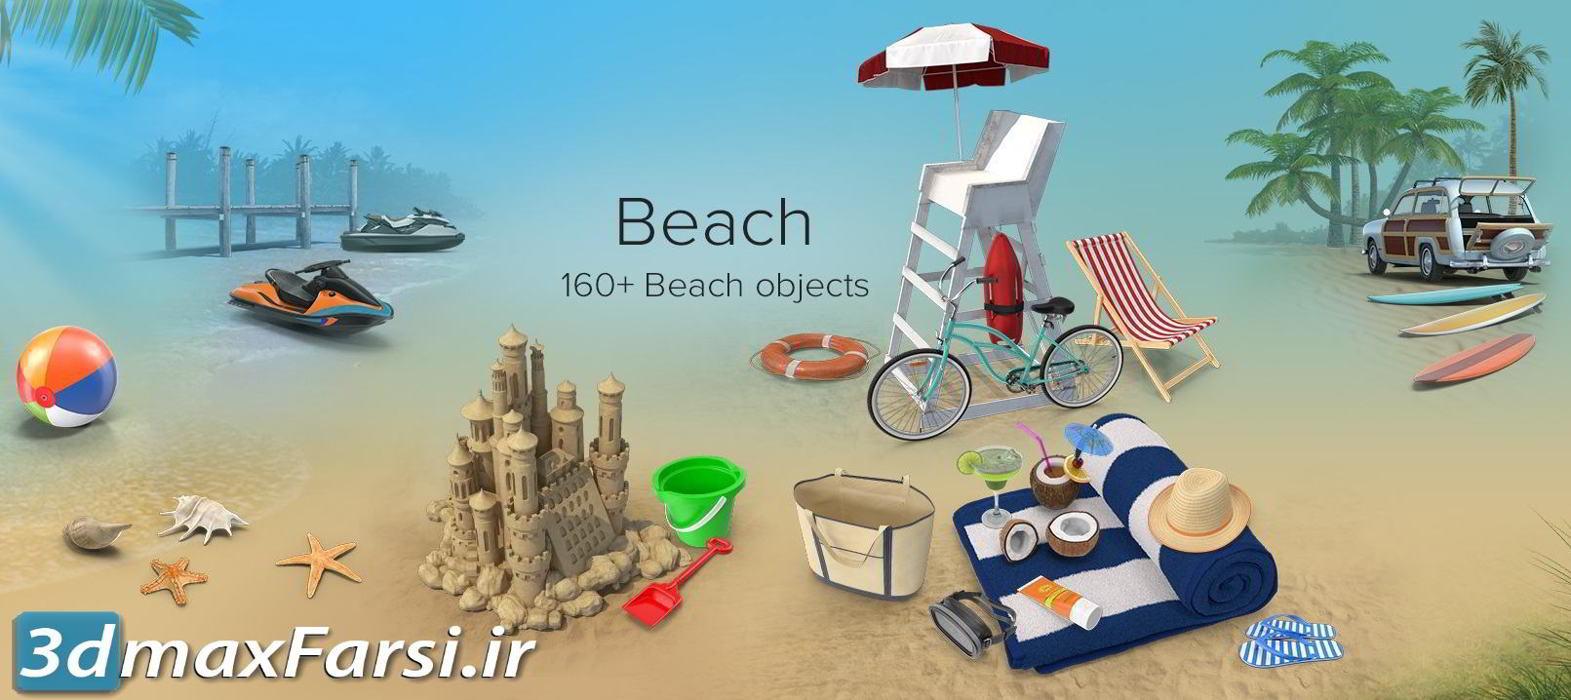 تصاویر گرافیکی ساحل دریا PixelSquid – Beach Collection